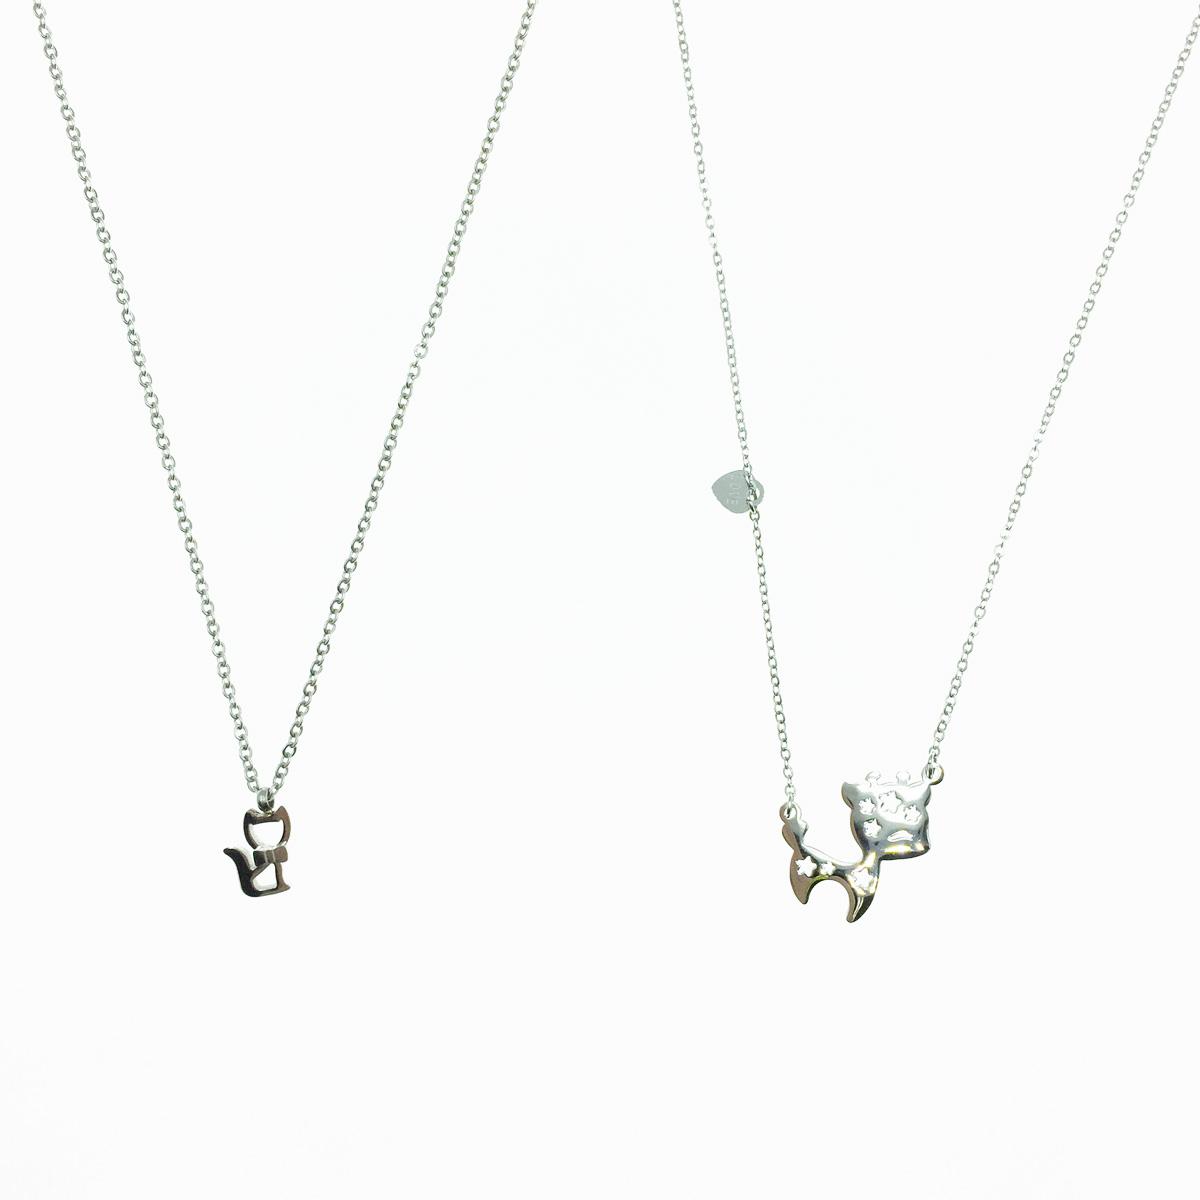 韓國 不鏽鋼 簍空 貓咪造型 可愛動物 愛心吊牌 2款 項鍊